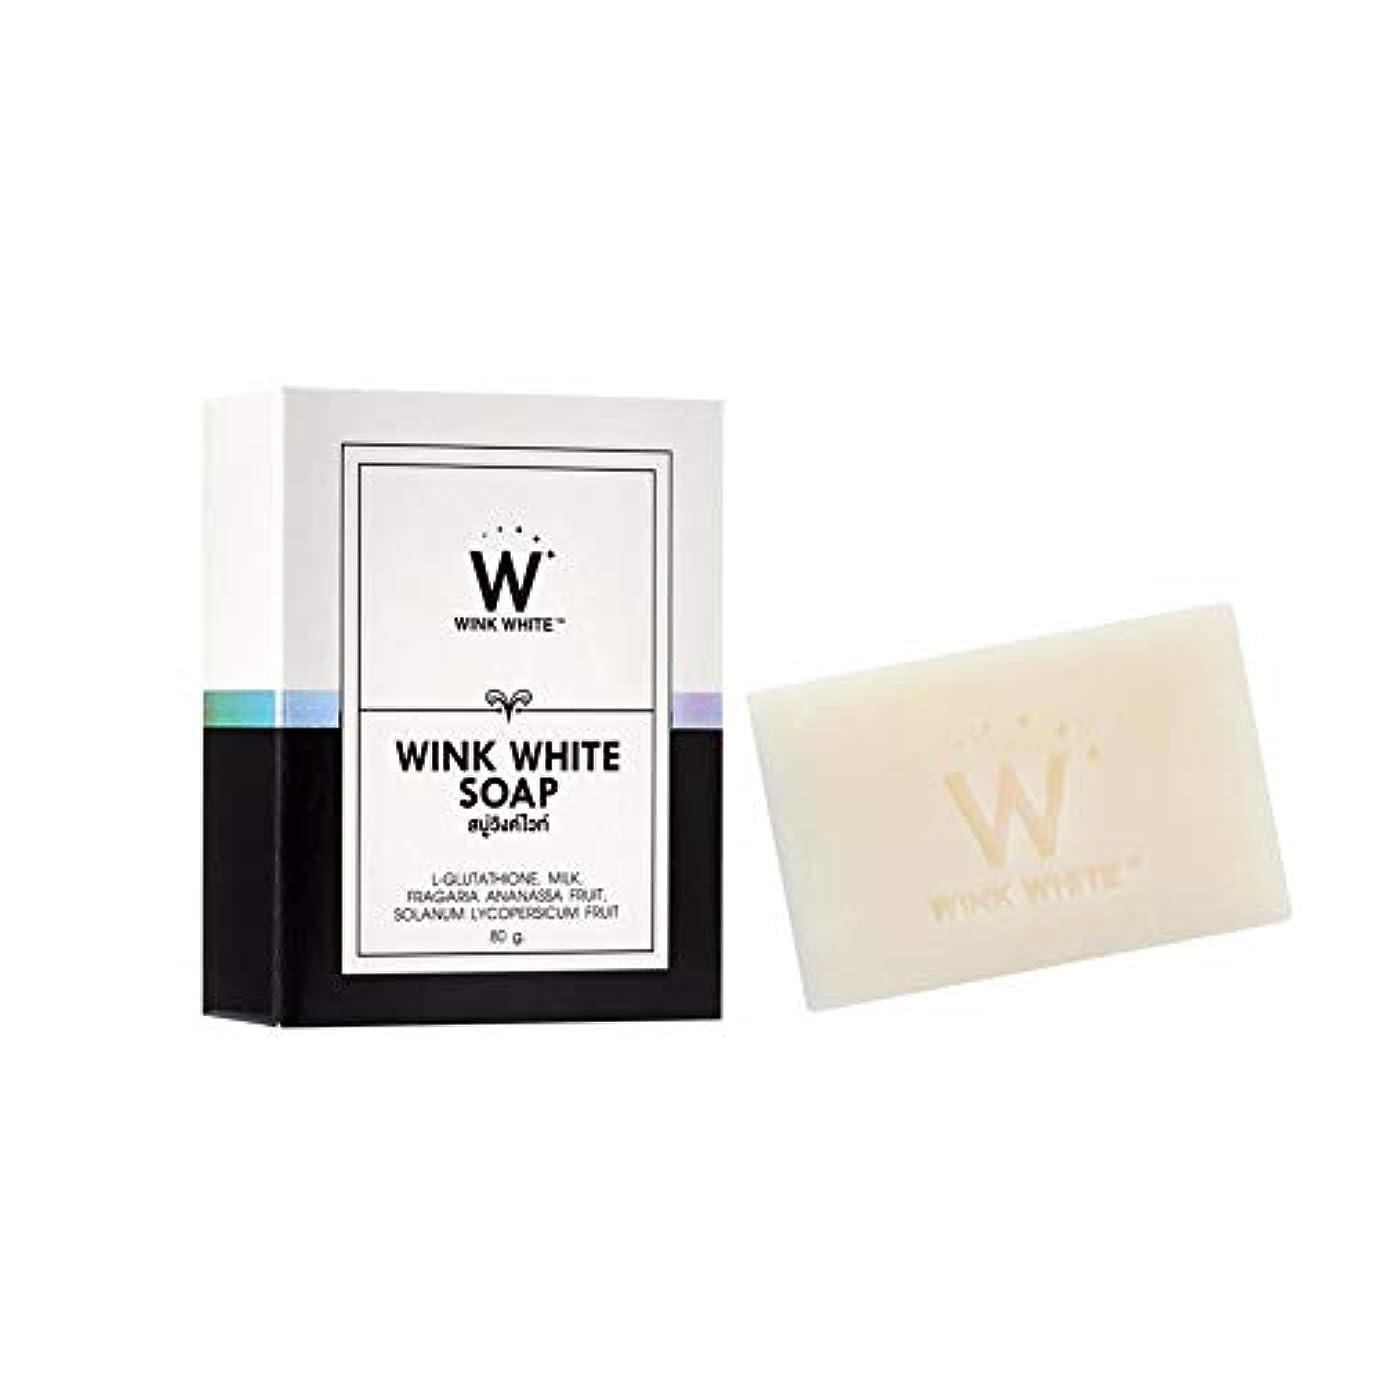 約束する永久親指Soap Net Nature White Soap Base Wink White Soap Gluta Pure Skin Body Whitening Strawberry for Whitening Skin All...